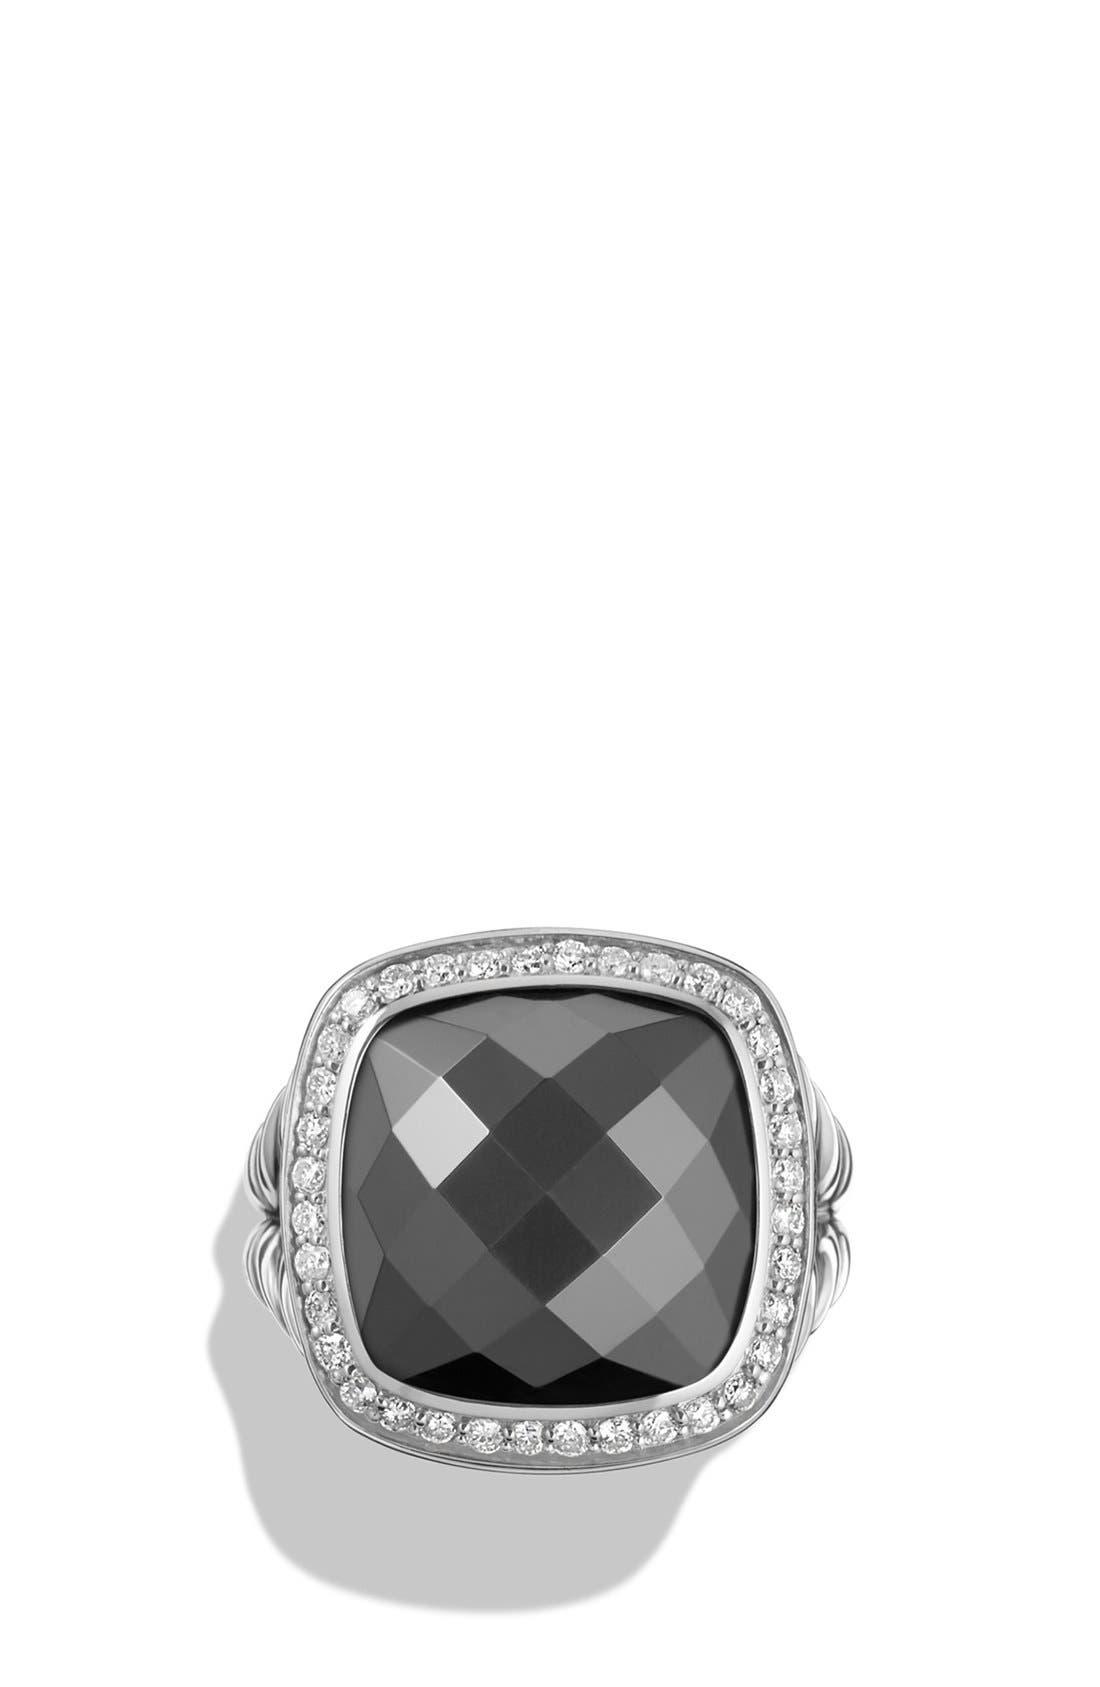 Alternate Image 2  - David Yurman 'Albion' Ring with Semiprecious Stone and Diamonds